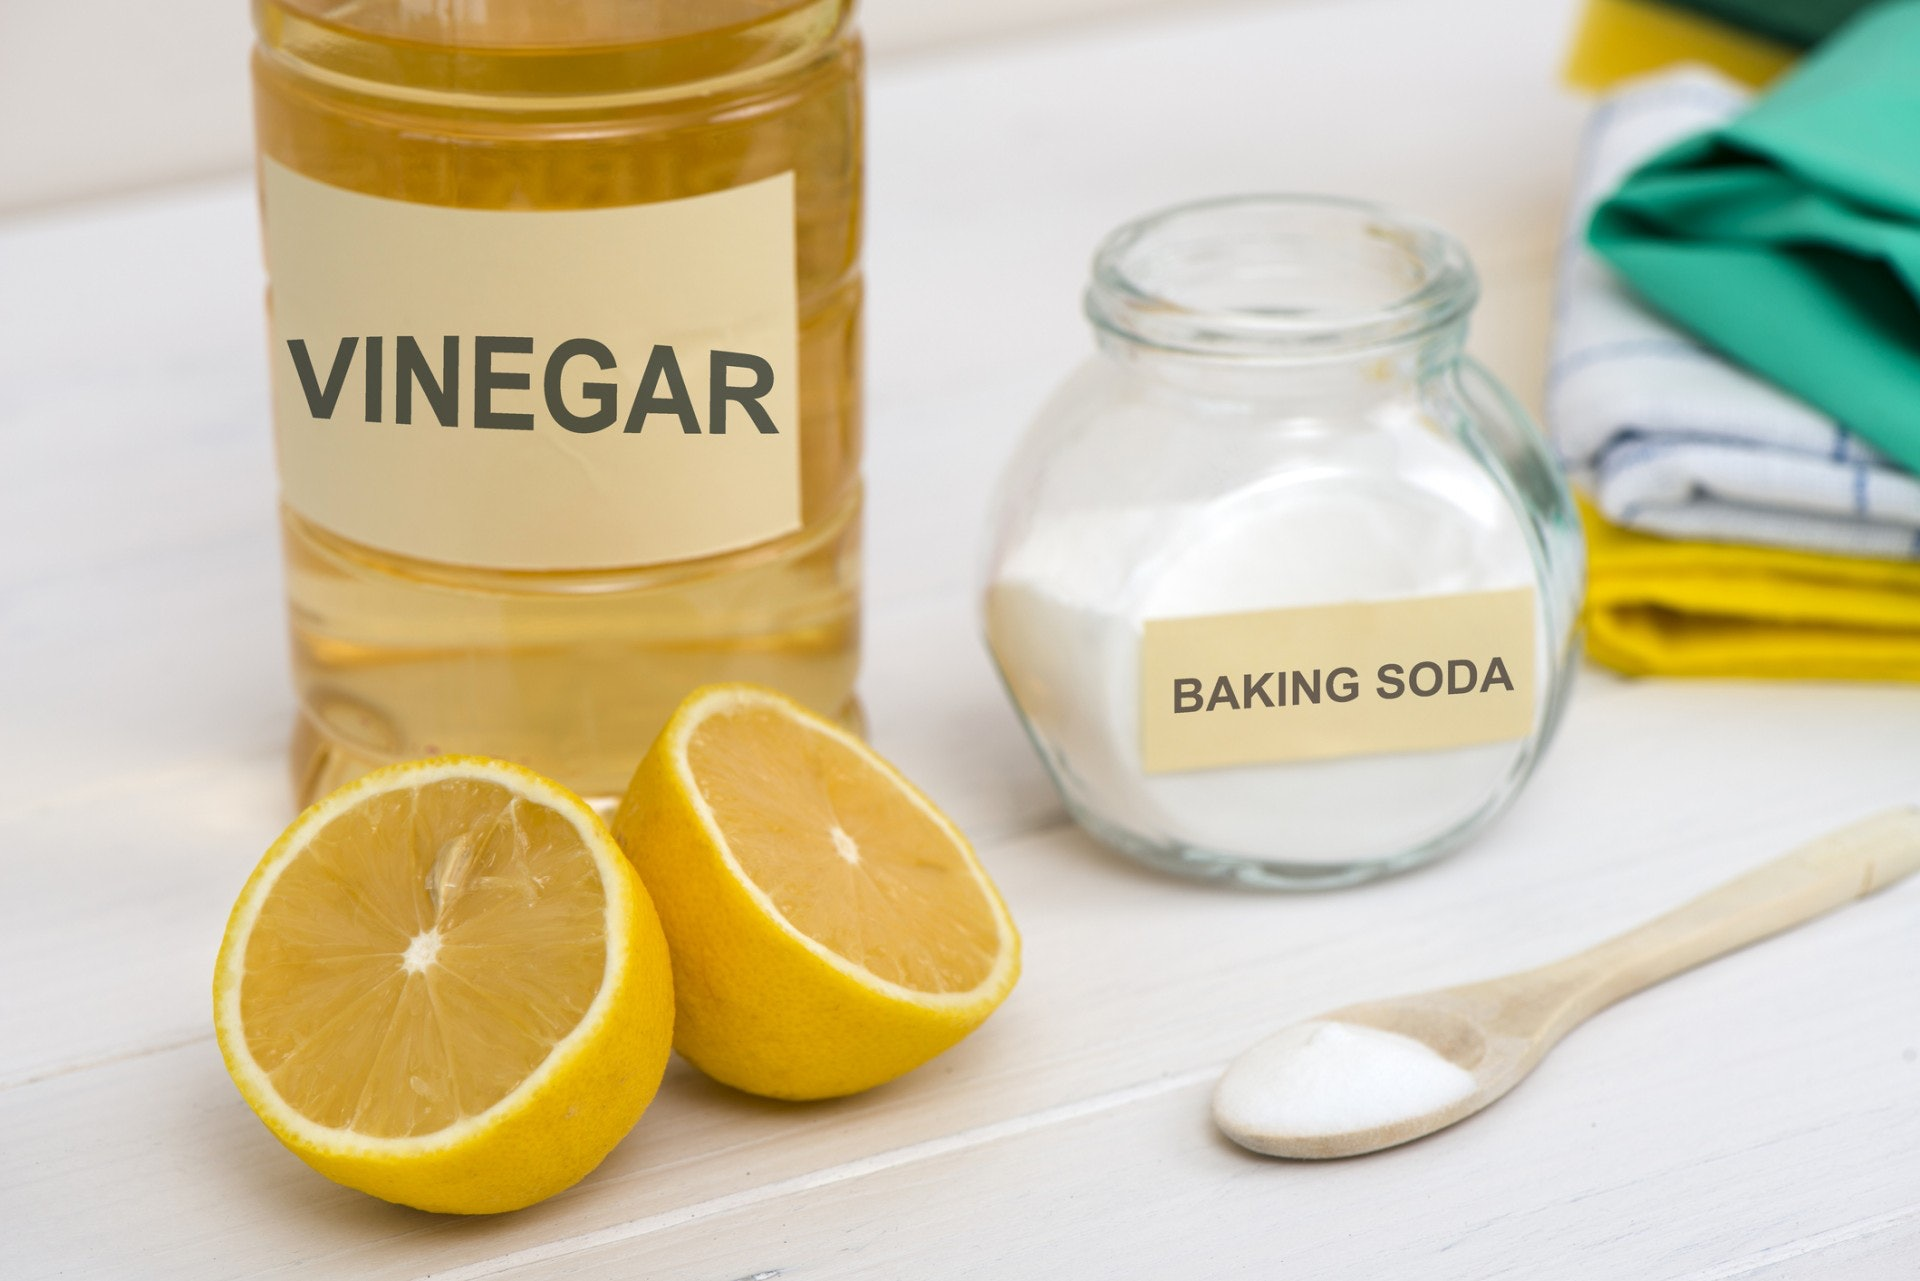 簡單的配搭,便能製作出實用的清潔劑。(Getty Image)